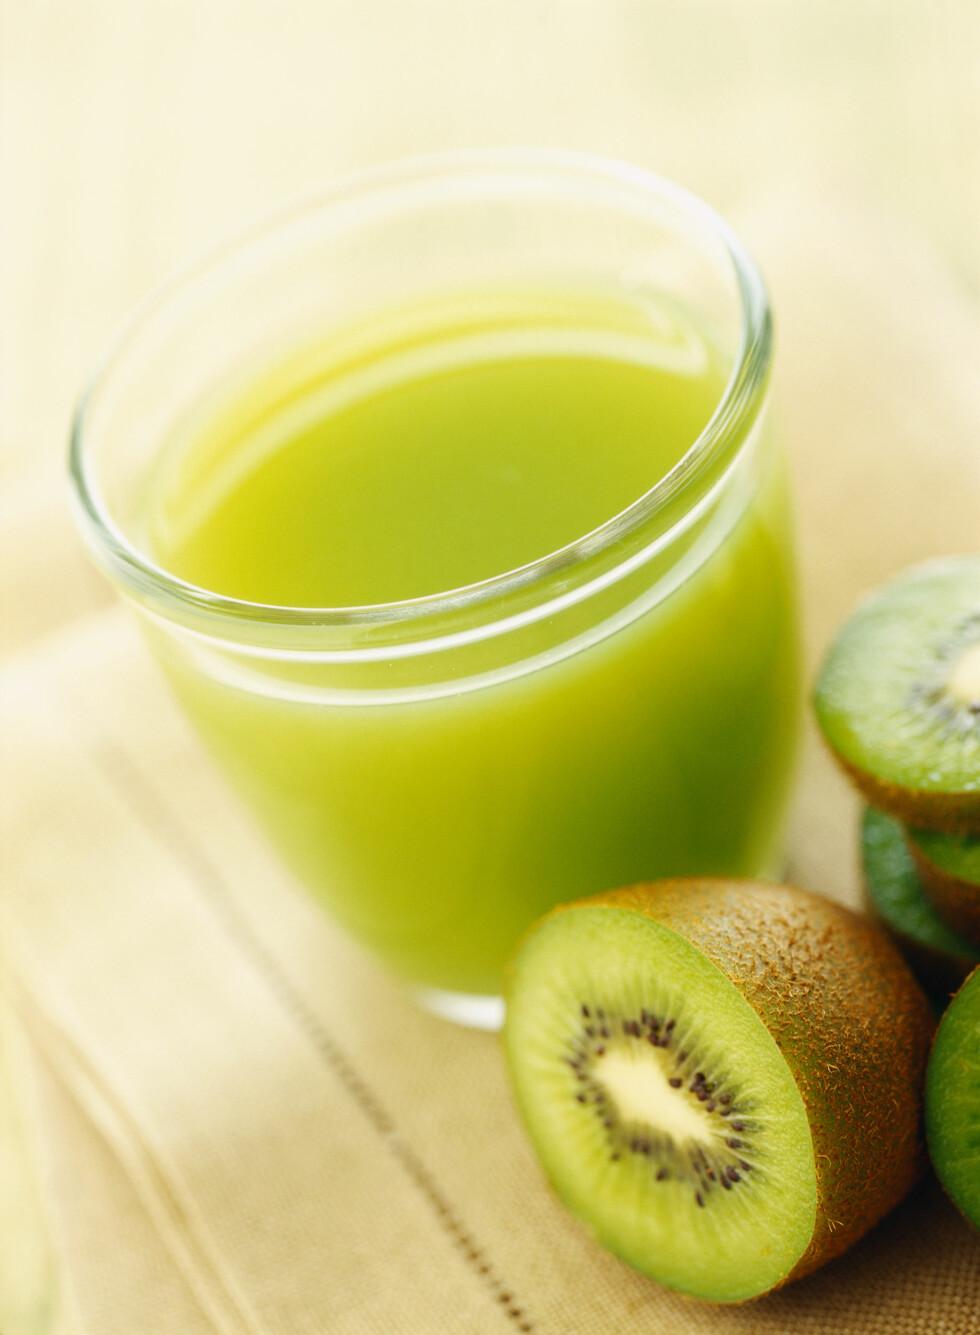 <strong>BEDRER JERNOPPTAKET:</strong> Spiser du C-vitaminrike matvarer sammen med matvarer som er rike på jern, bedres jernopptaket i kroppen.  Foto: Scanpix